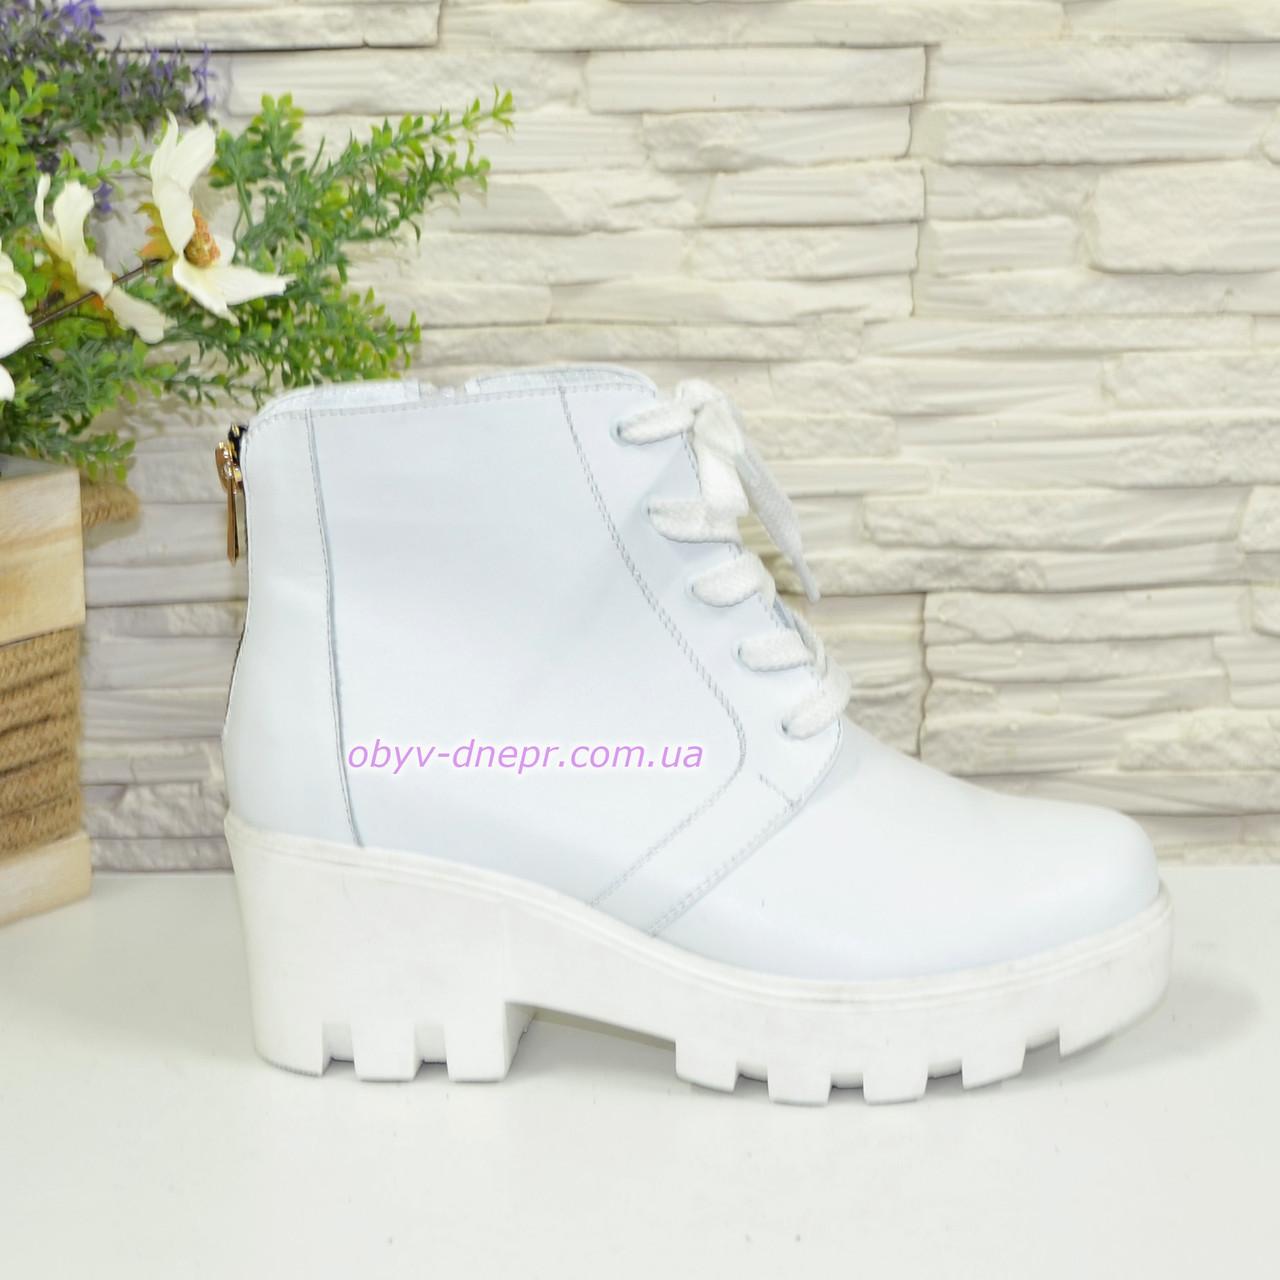 Ботинки женские демисезонные кожаные на шнуровке, белый цвет.